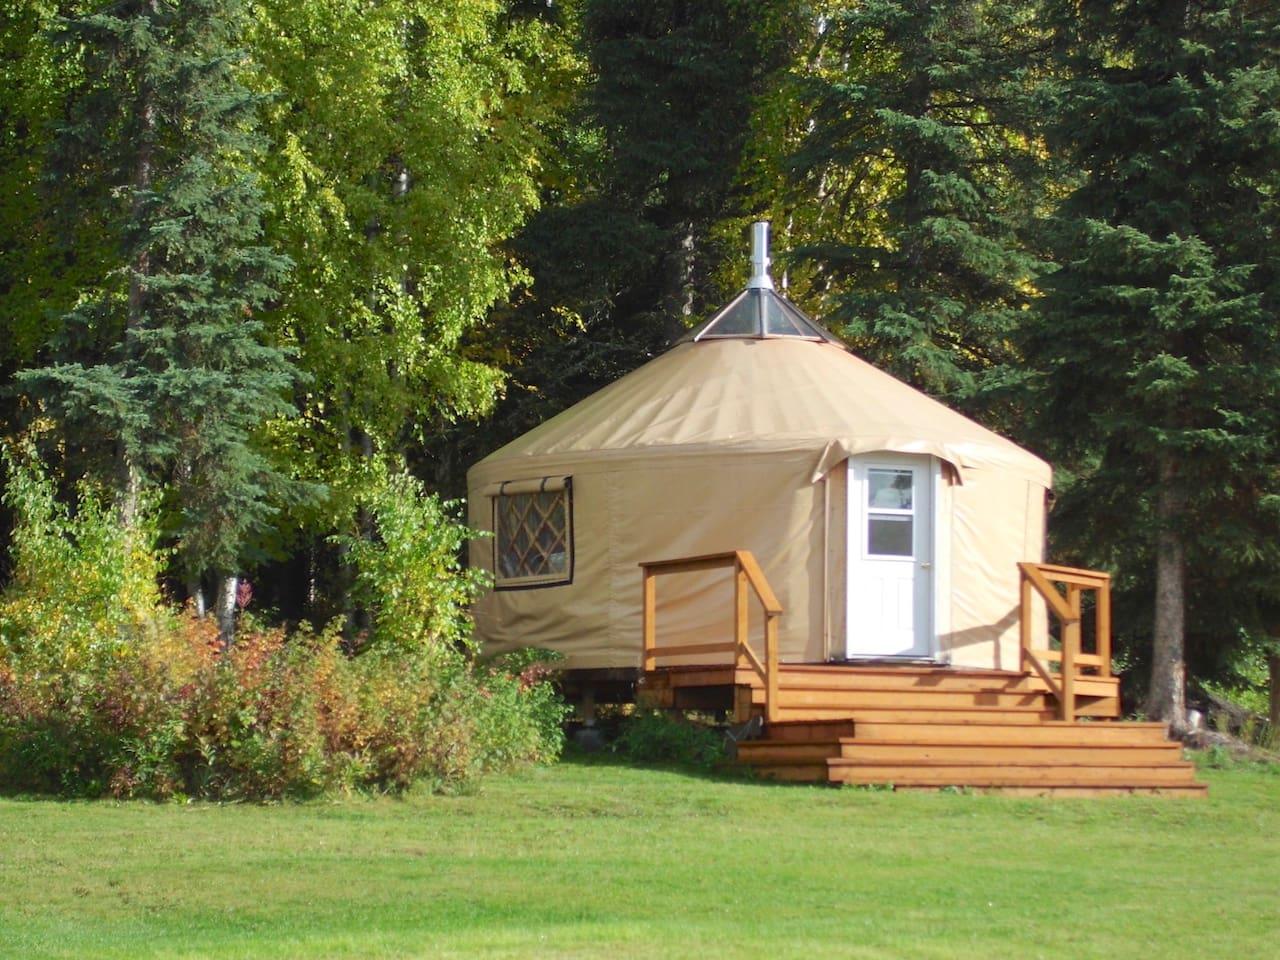 Cozy Alaskan Yurt - Hot Breakfast - Dog Sledding